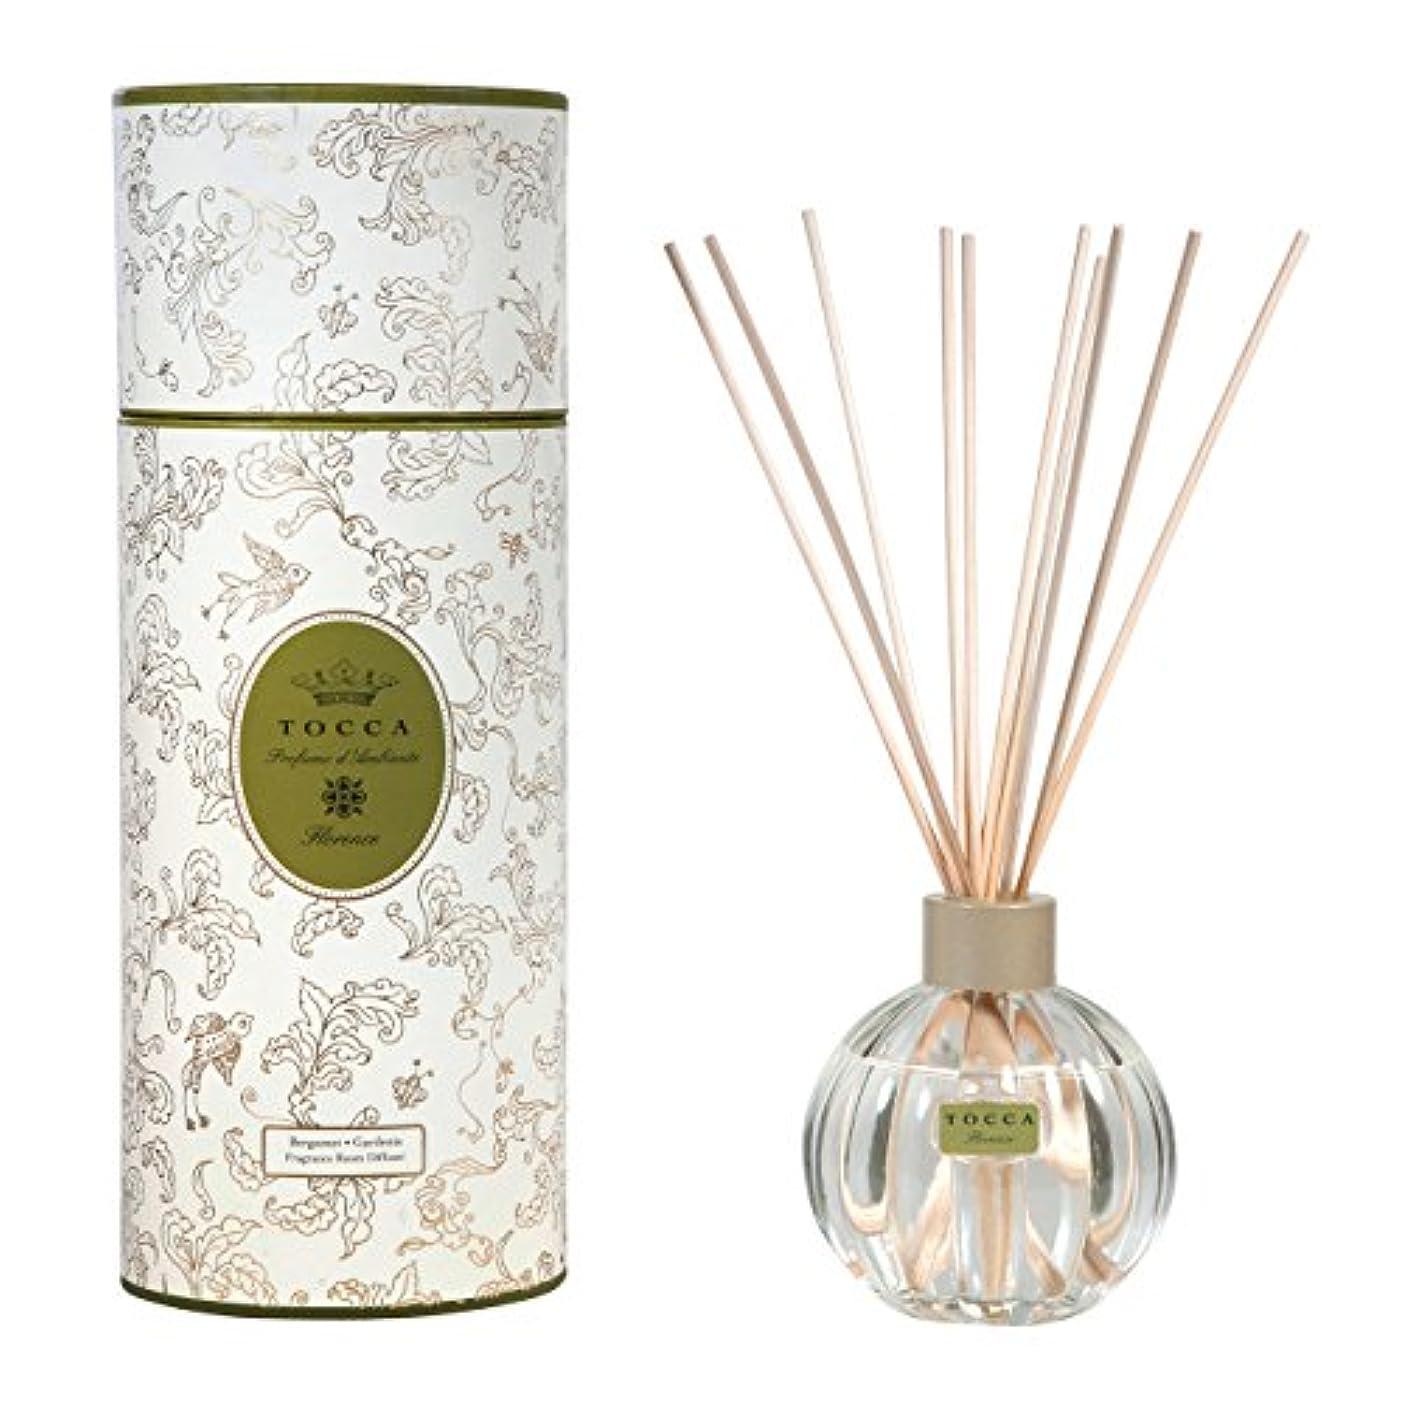 ハードリング引数困惑するトッカ(TOCCA) リードディフューザー フローレンスの香り 175ml 3~4ヶ月持続(芳香剤 ルームフレグランス ガーデニアとベルガモットが誘うように溶け合うどこまでも上品なフローラルの香り)